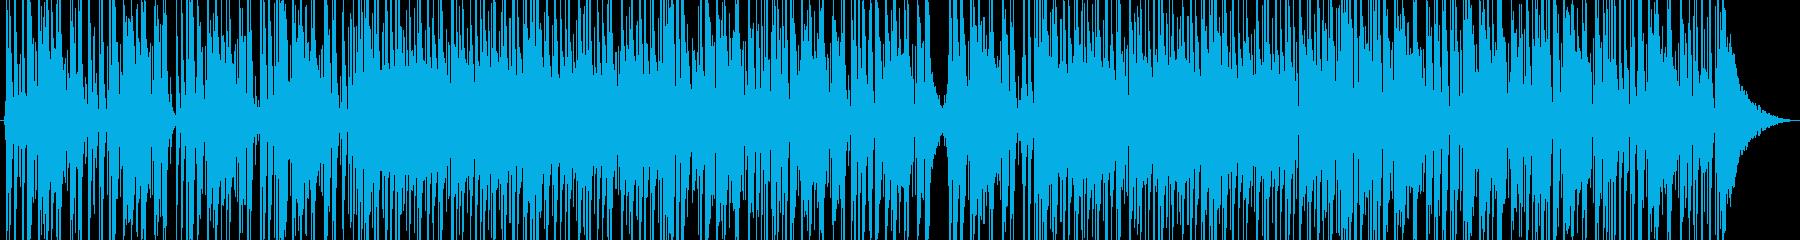 タイトで硬派なドラムメインのロックの再生済みの波形